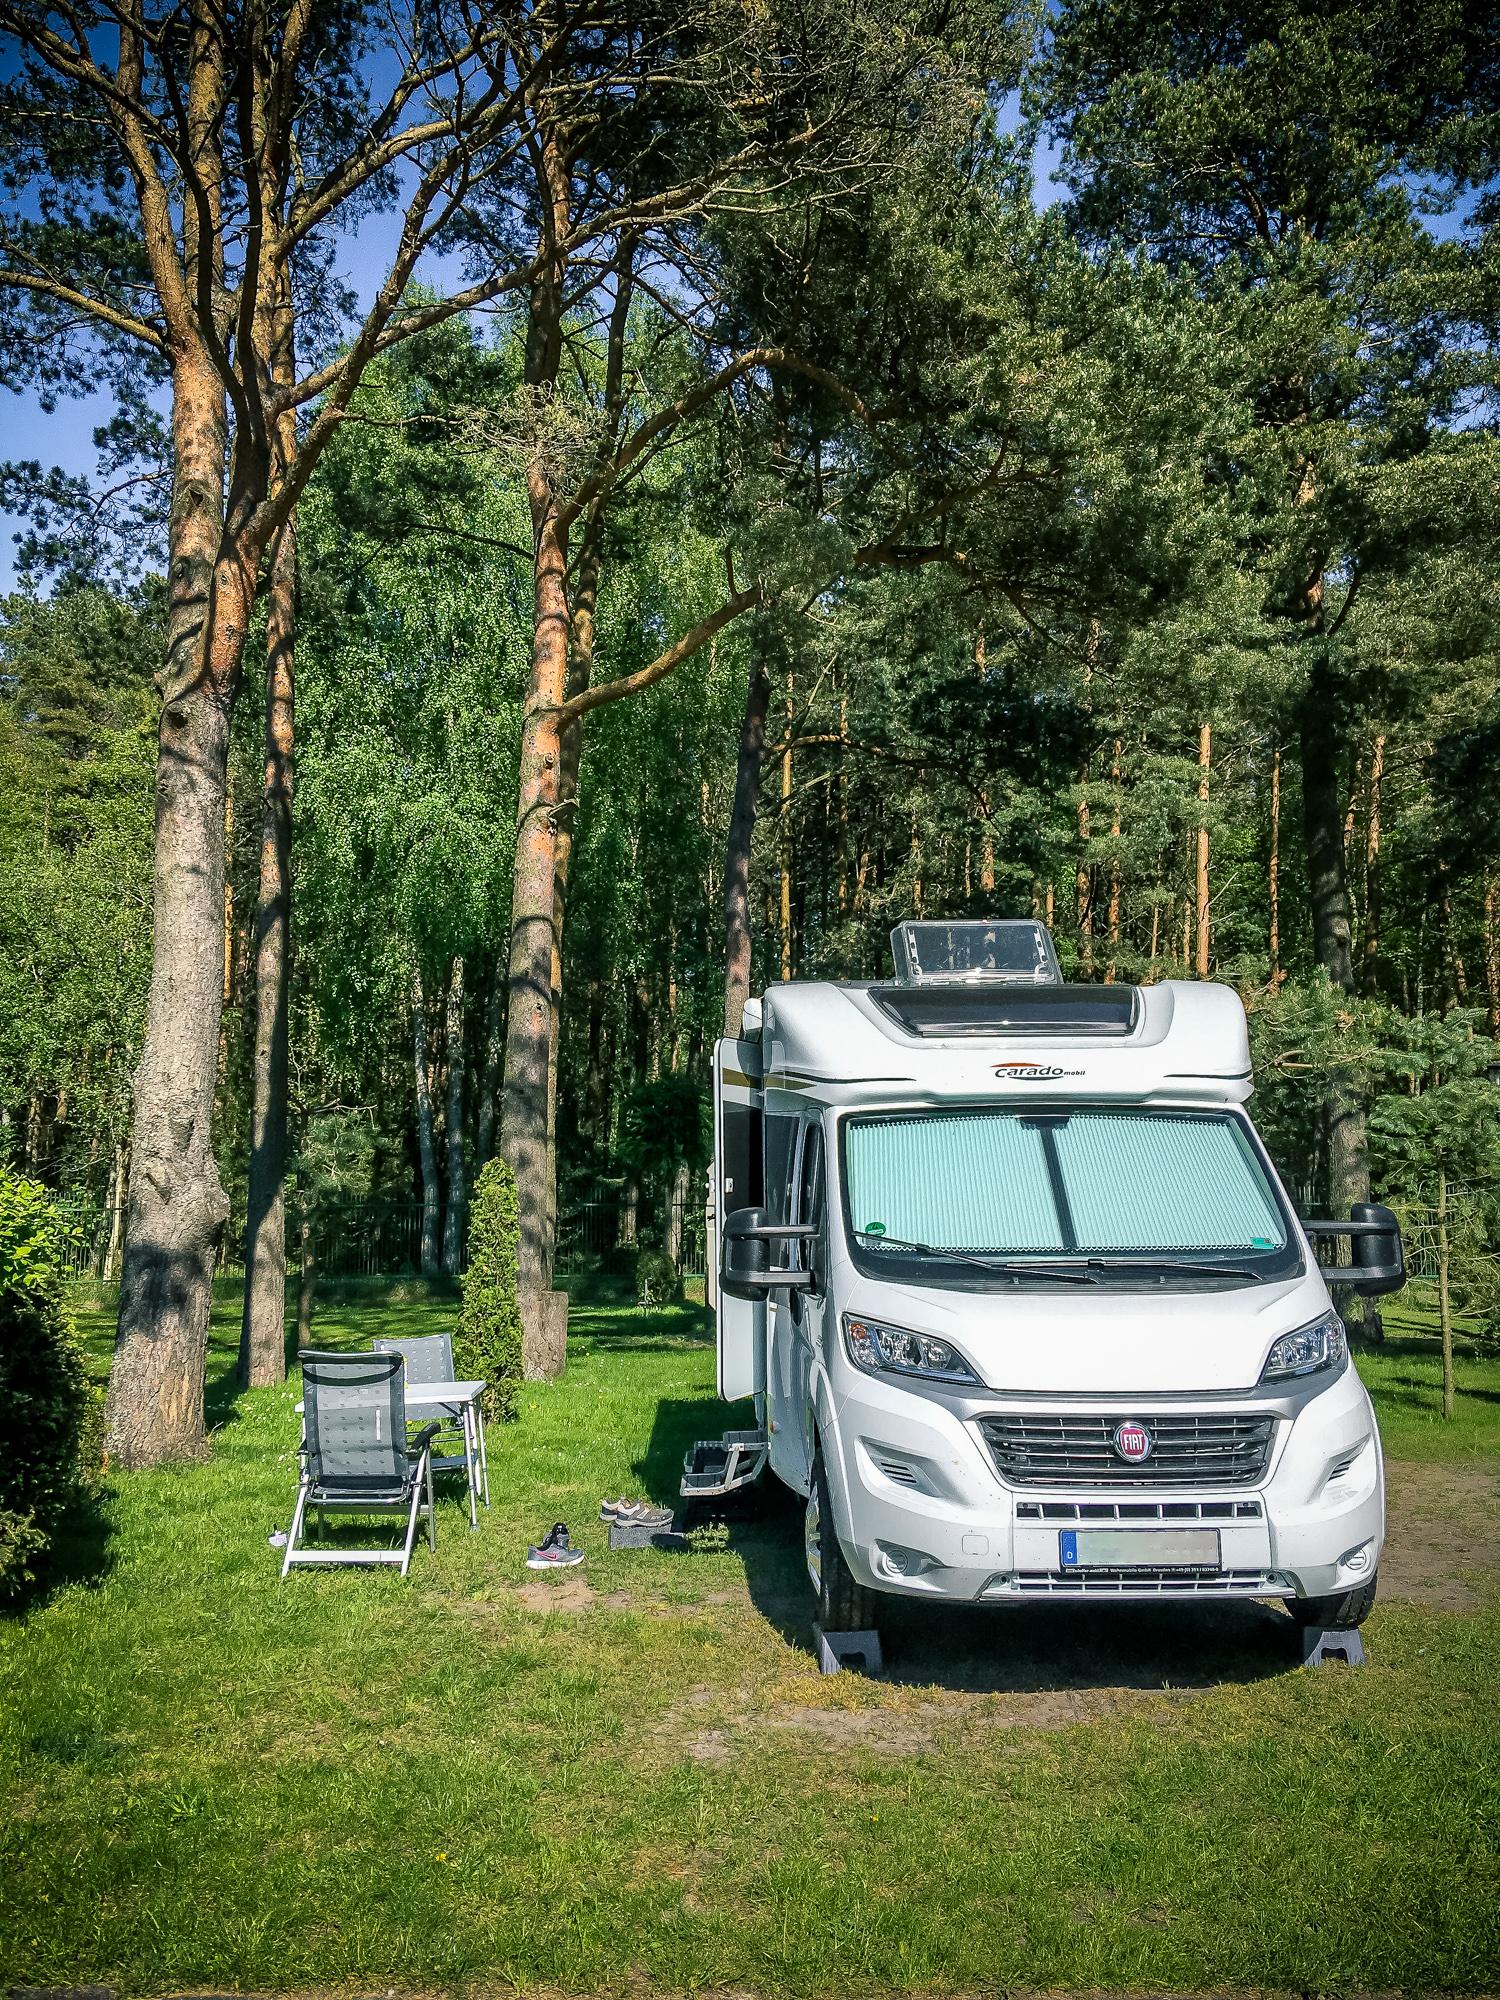 Camping Platz Morski 21 in Lebe